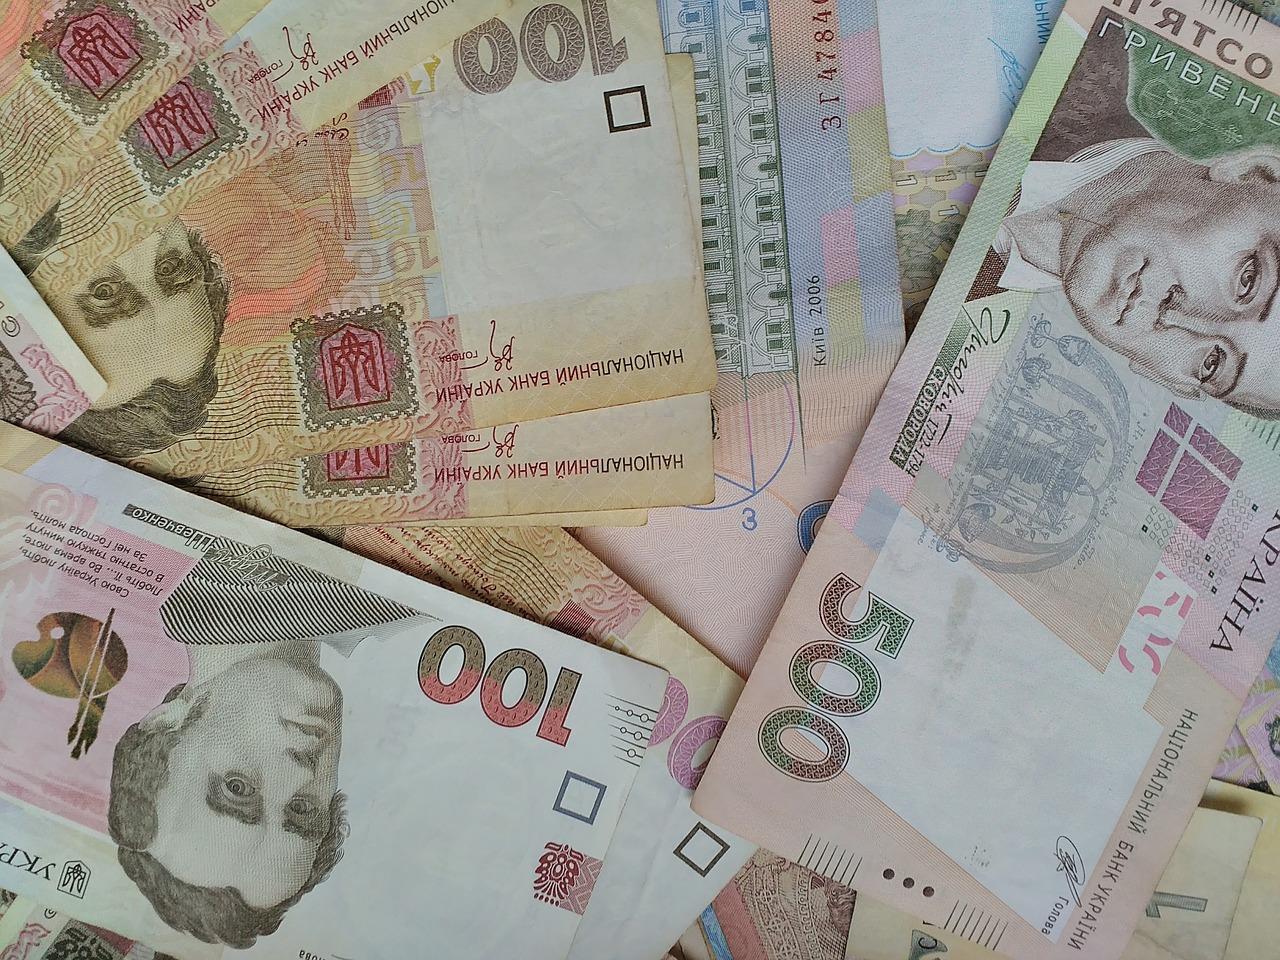 БФ «Майбутнє» Сергія Касьянова у 2020 році спрямував на благодійні проекти понад 2 млн гривень